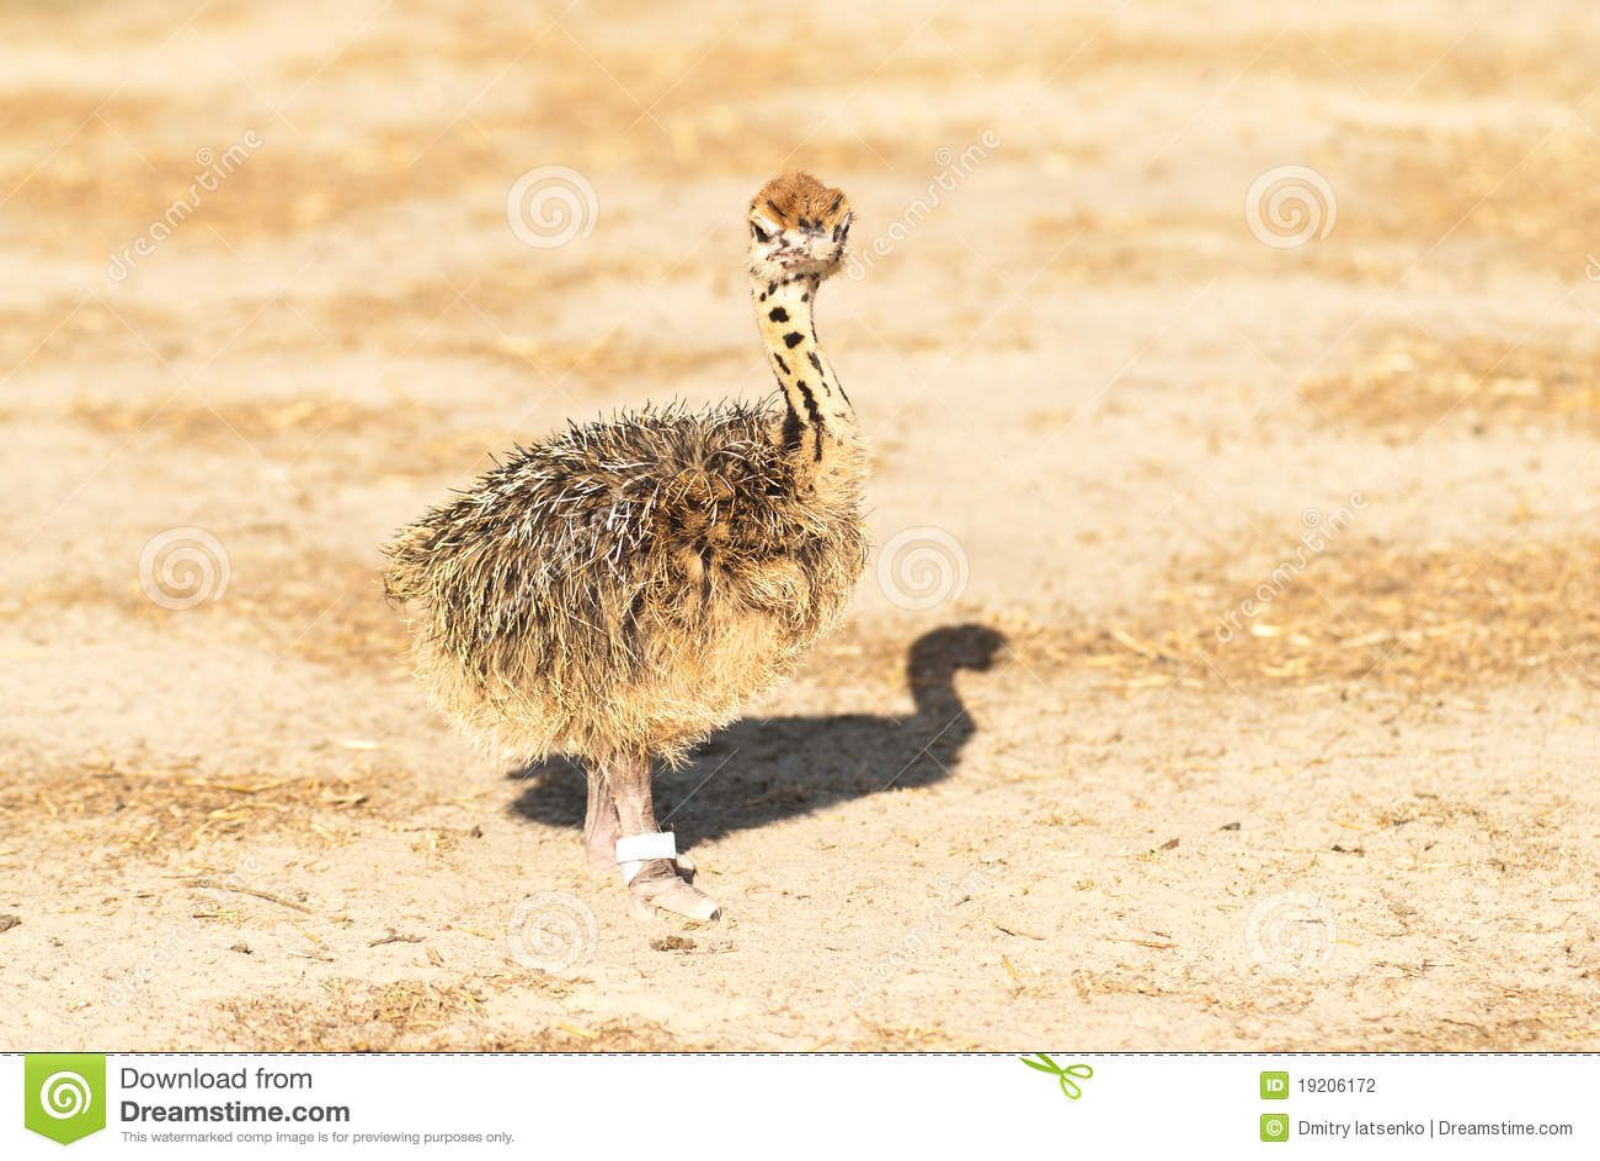 Het kuiken van de struisvogel